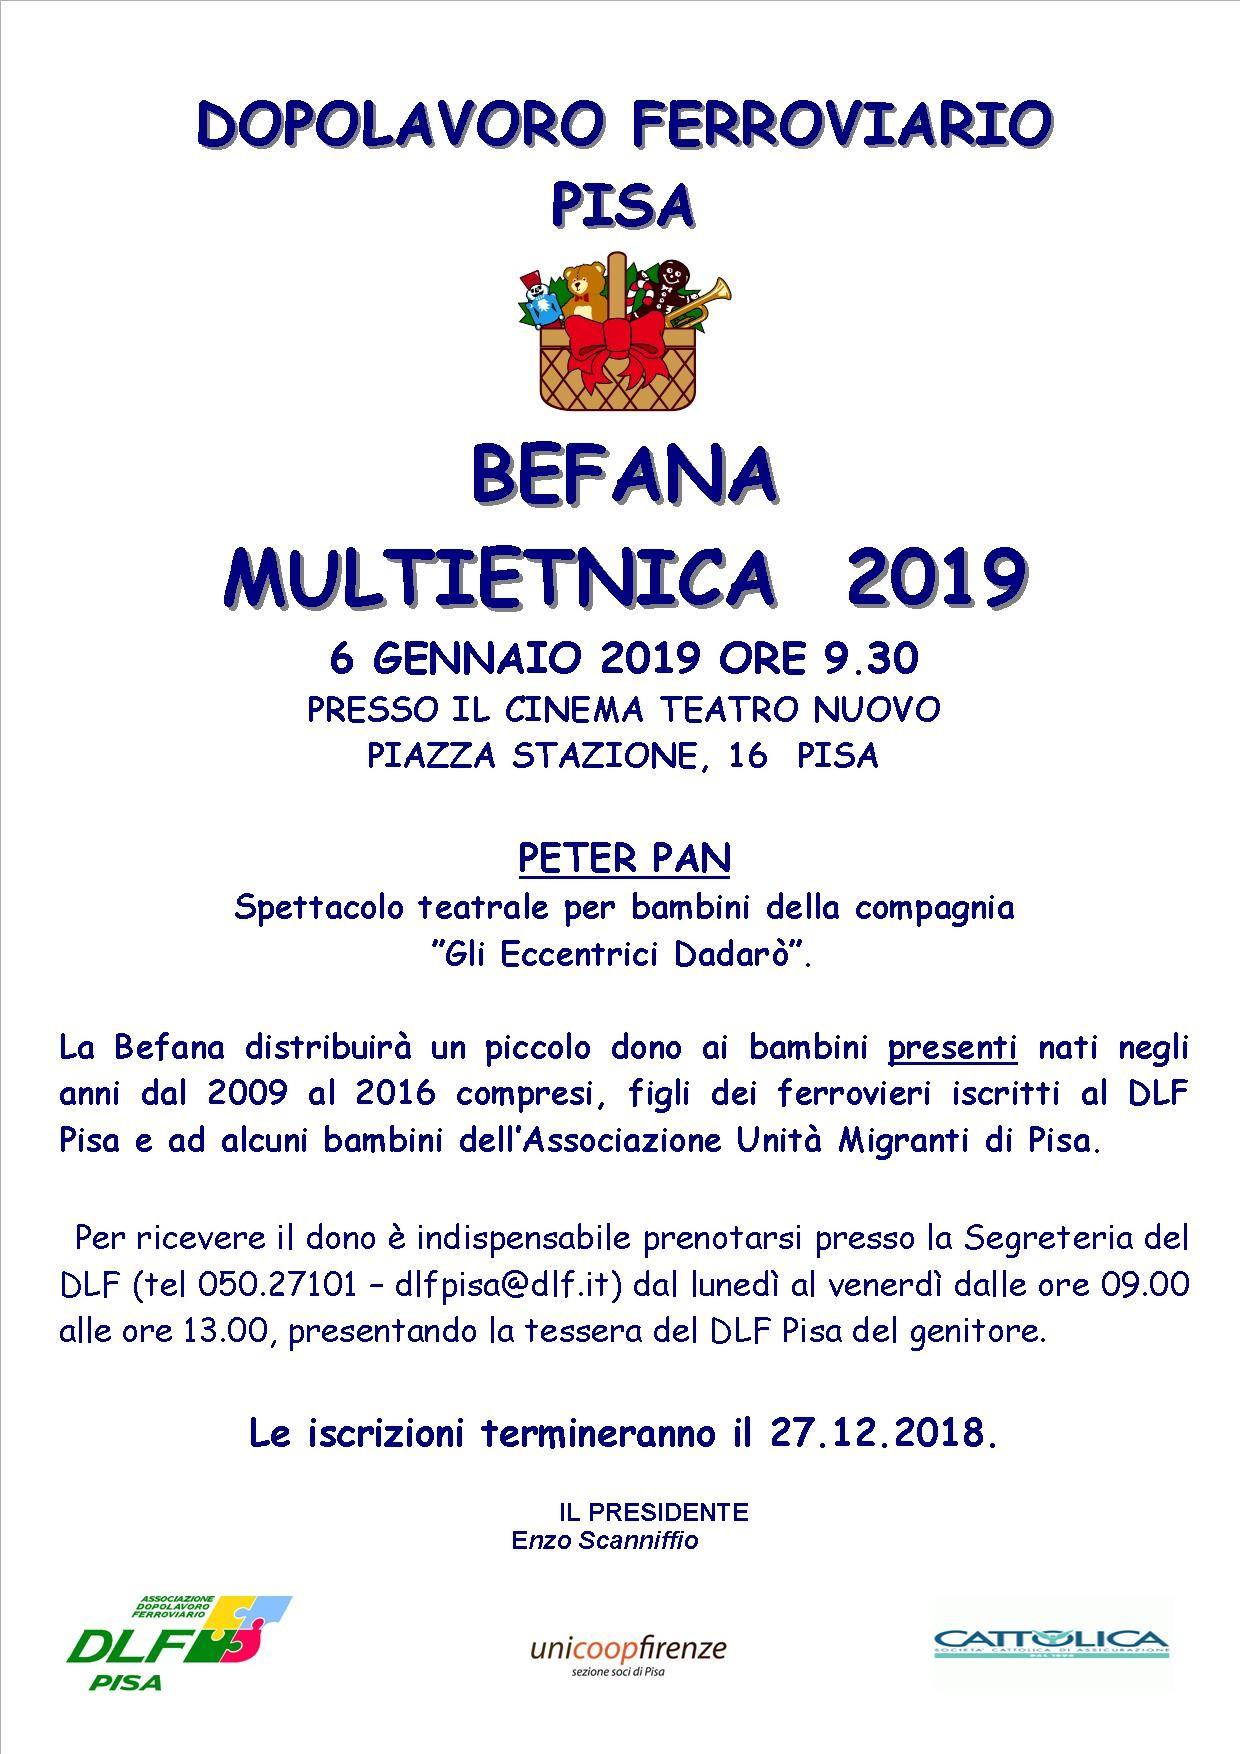 BEFANA MULTIETNICA ANNO 2019